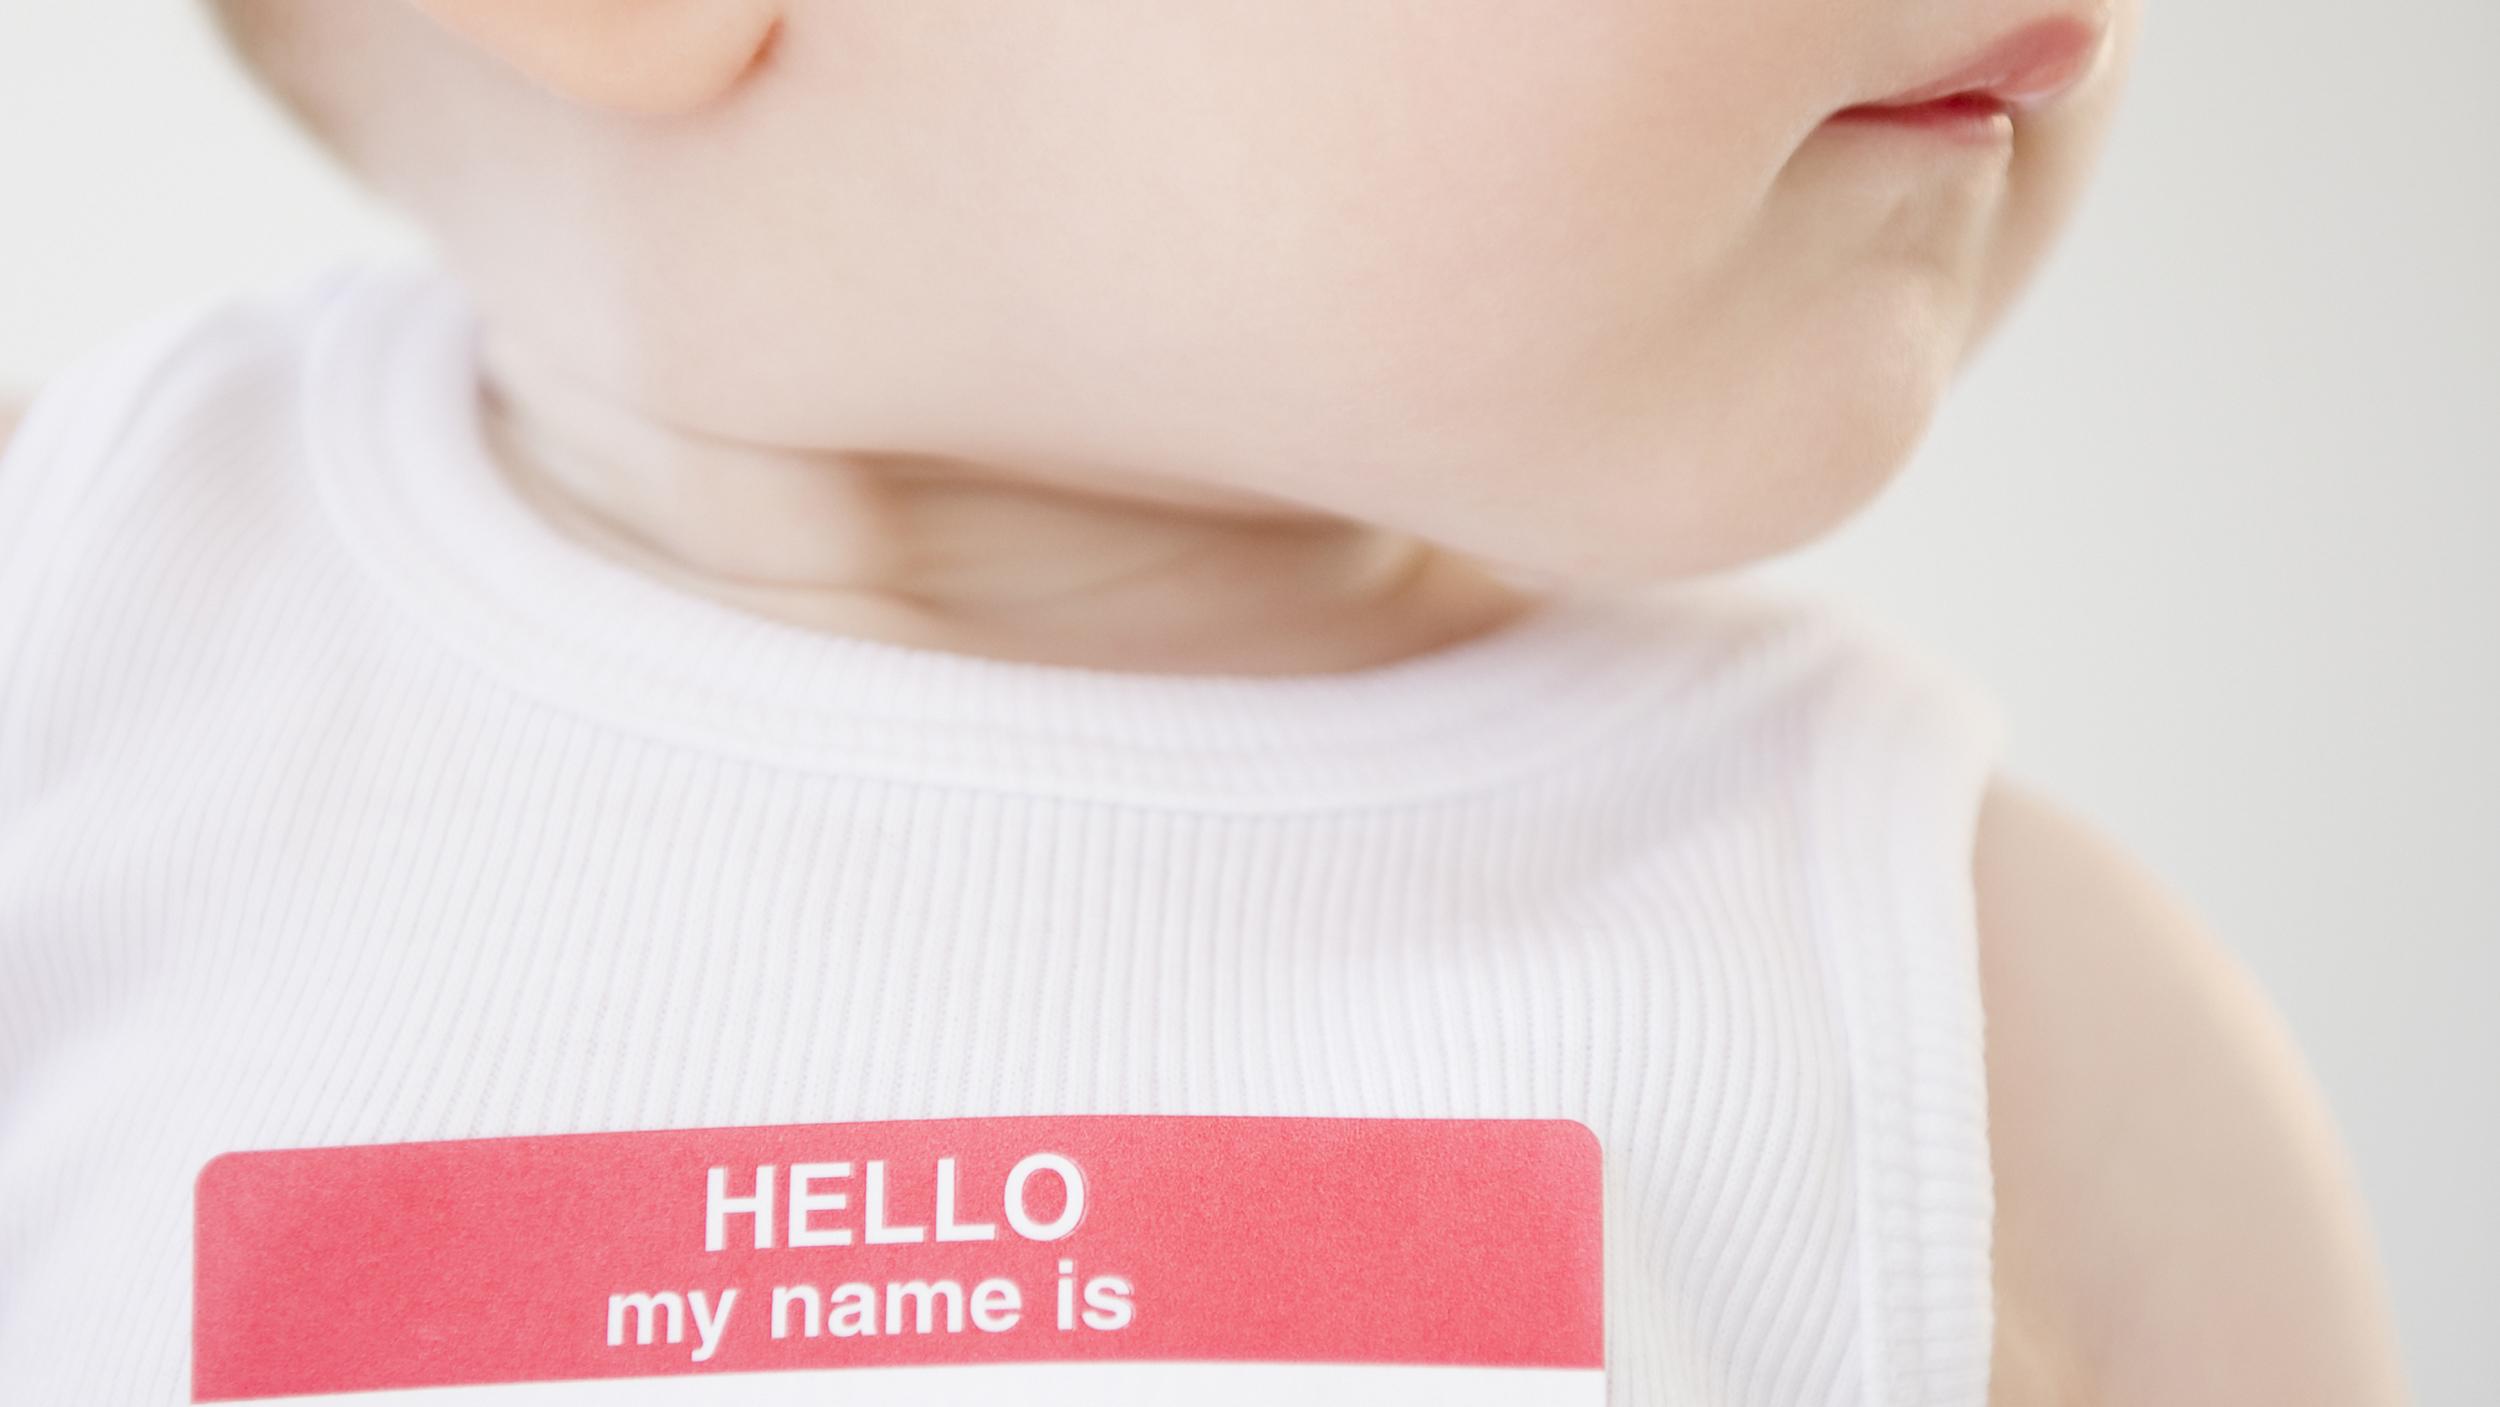 Đặt tên cho con gái, con trai đẹp và dễ thương nhất